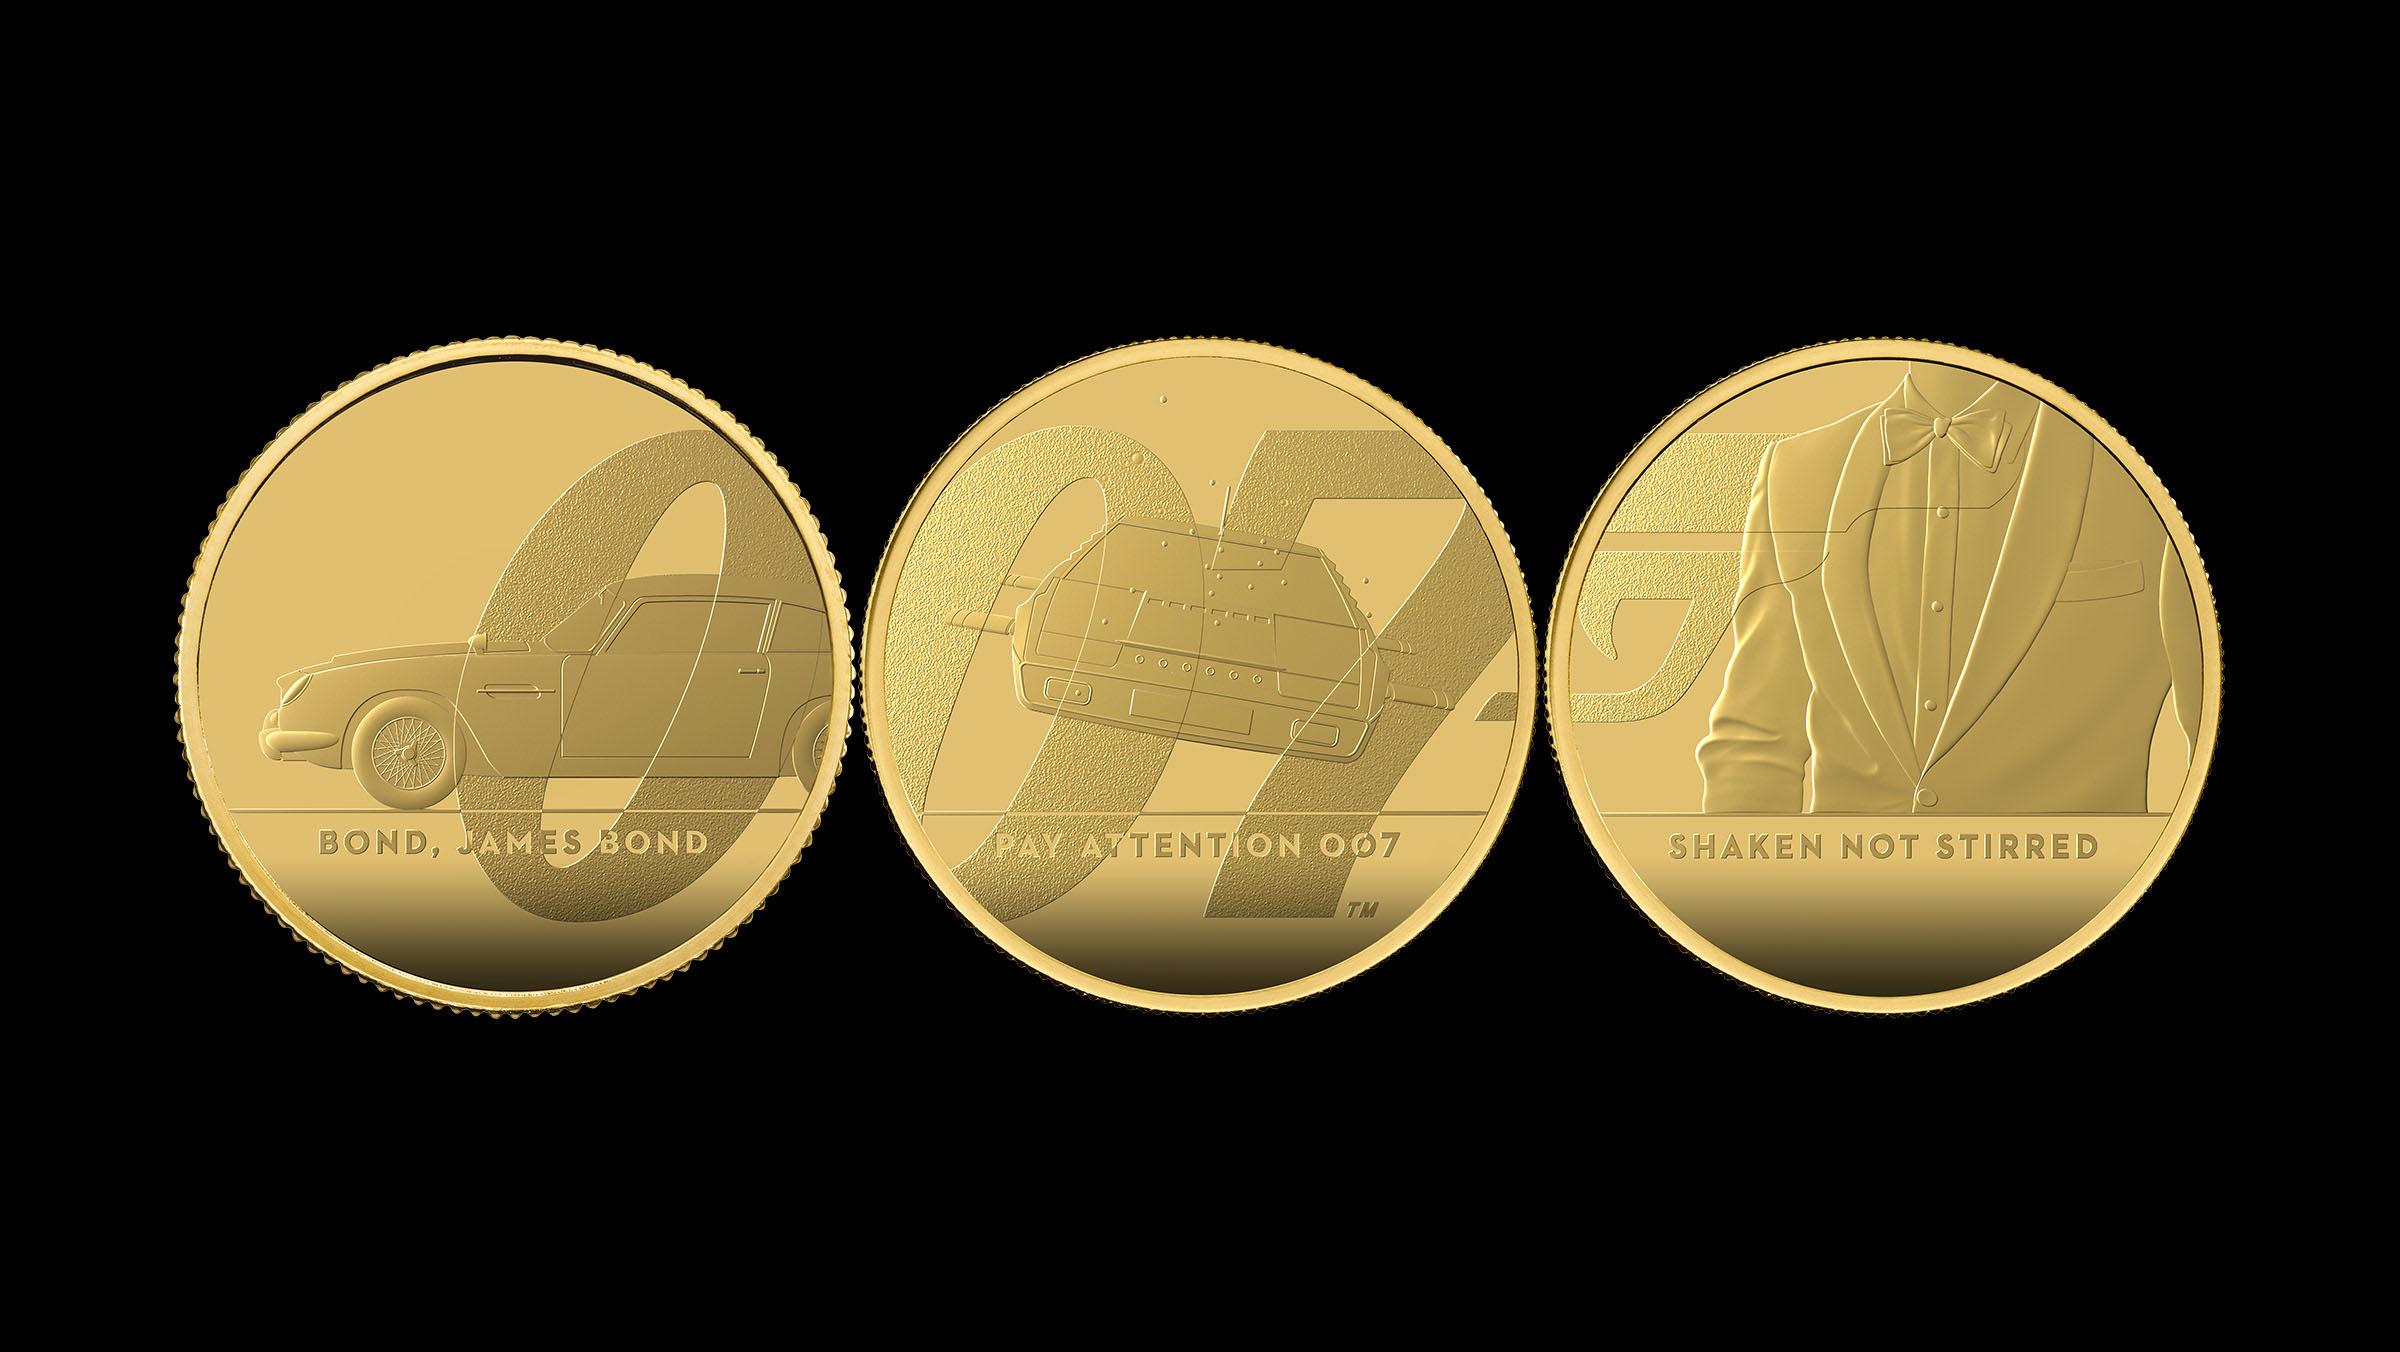 У Британії випустили 7-кілограмову монету на честь Джеймса Бонда (ФОТО)